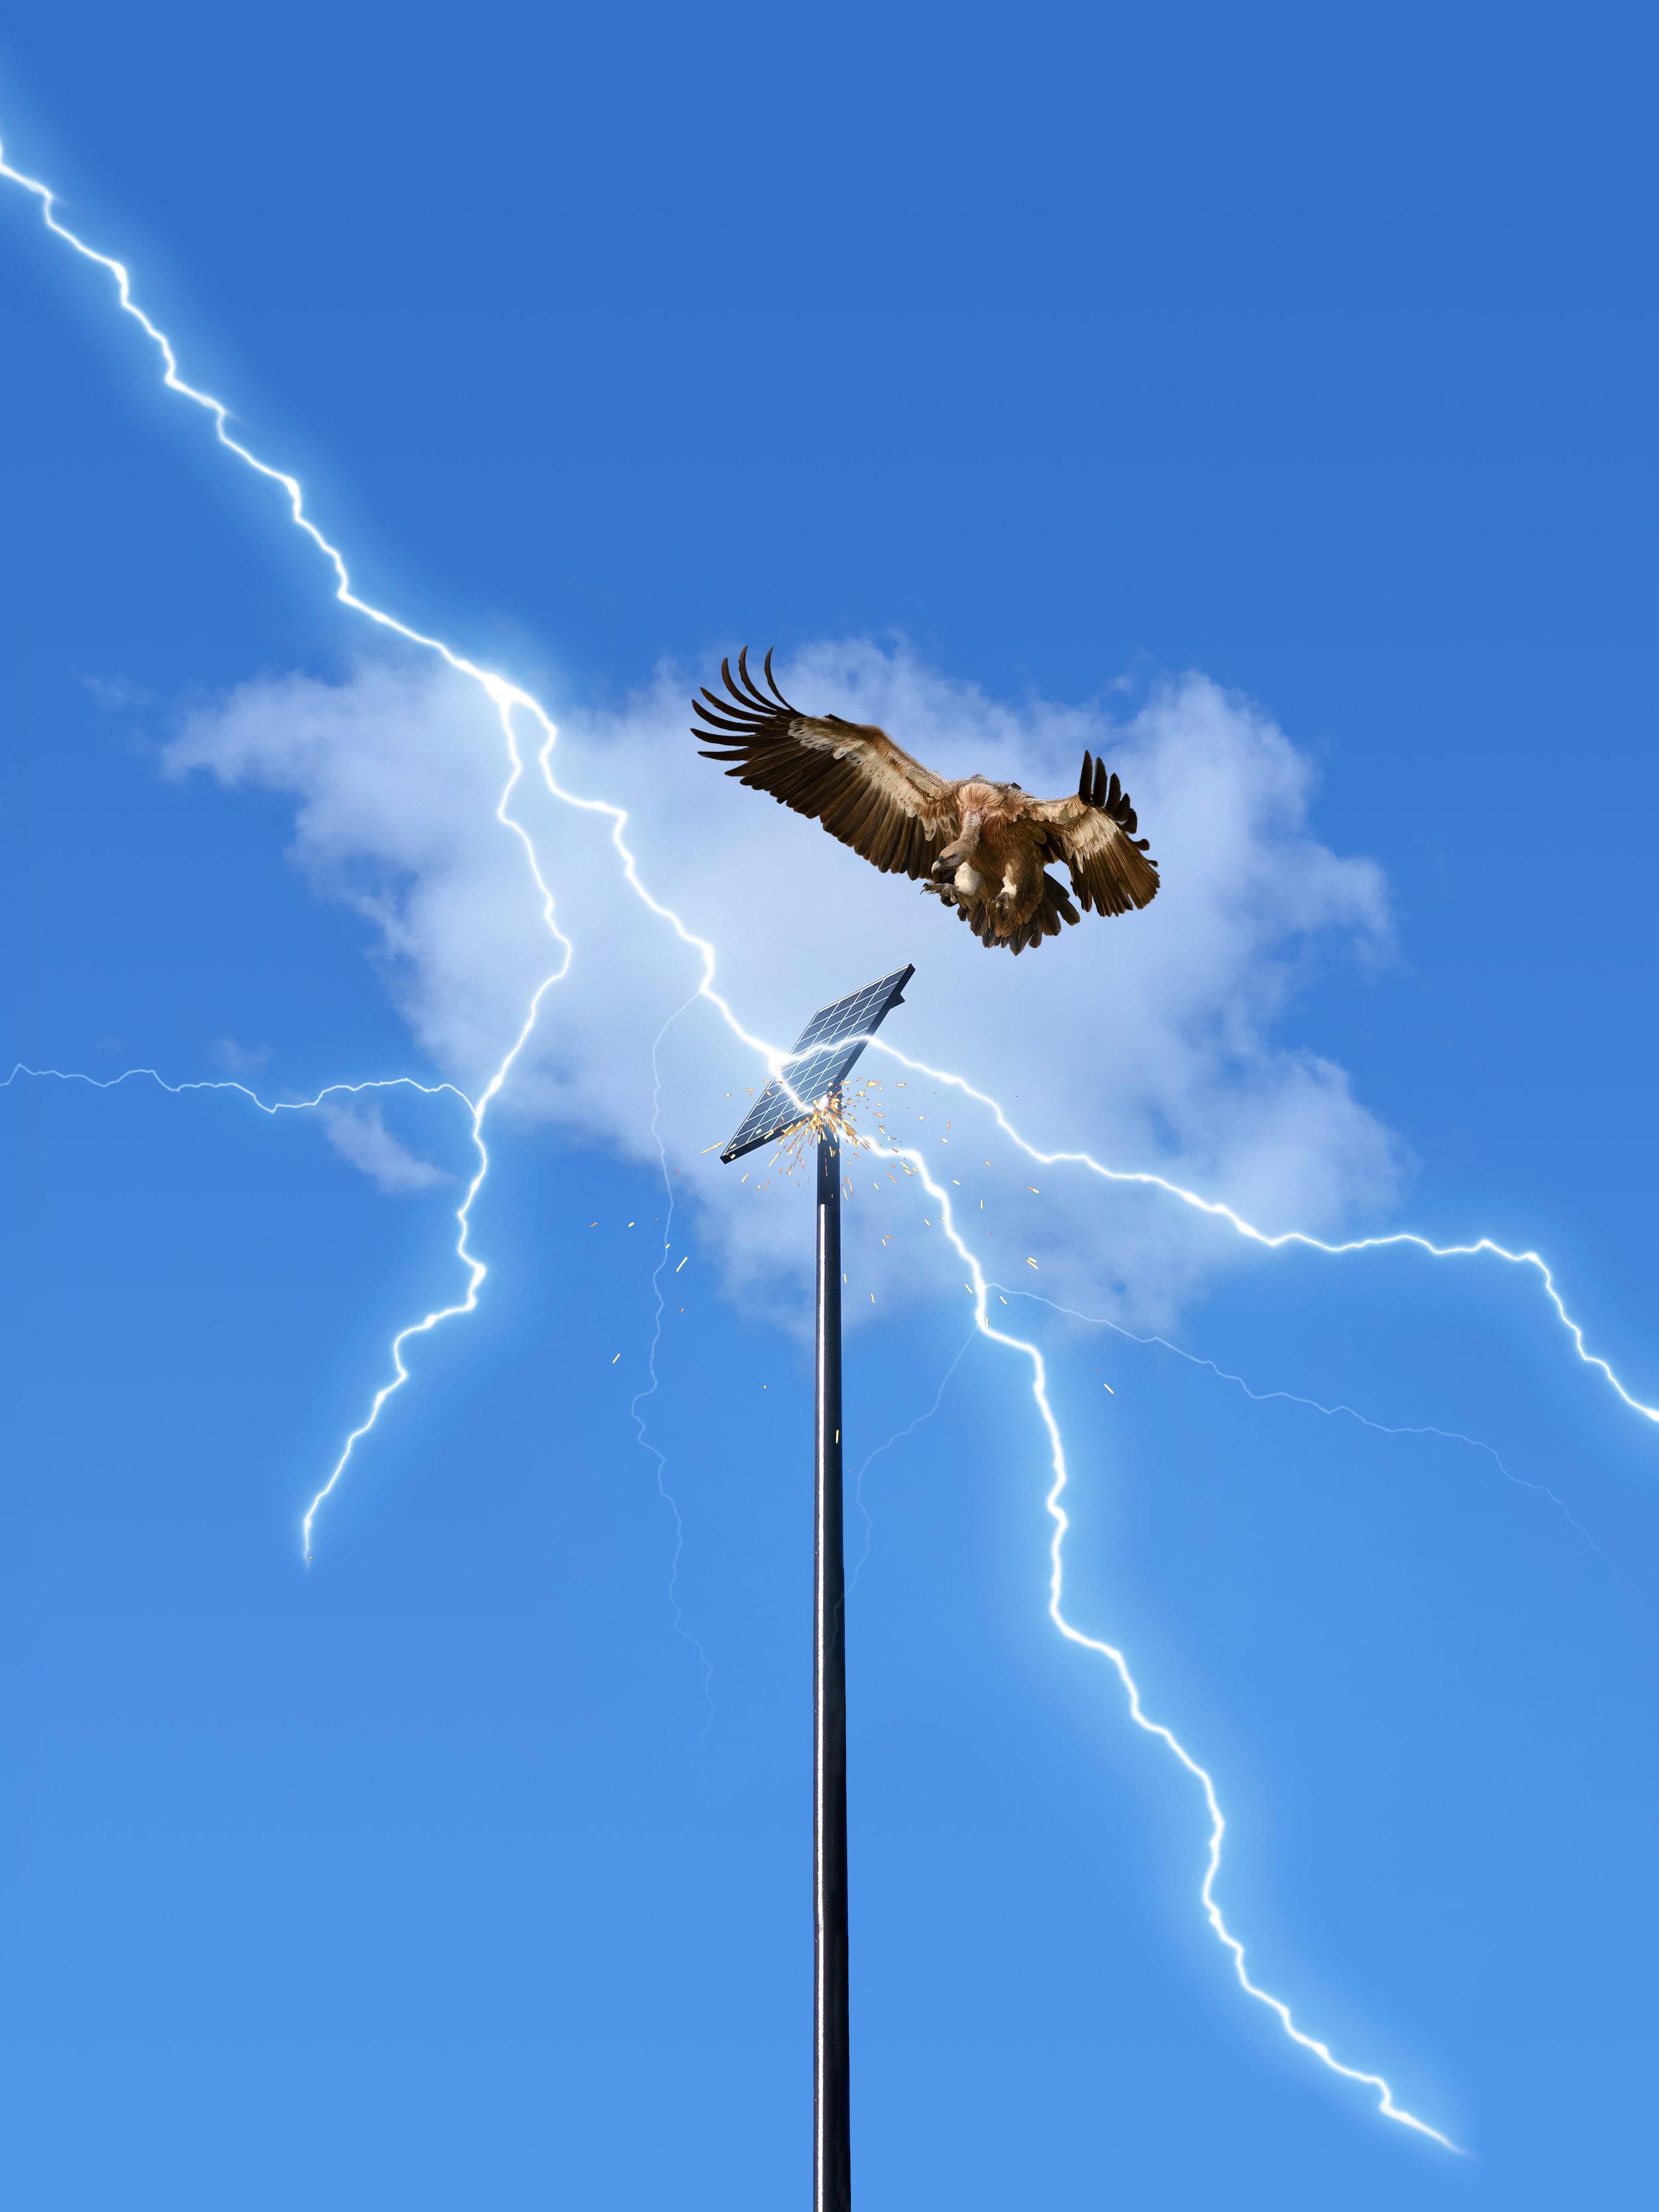 eagle_dare.jpg